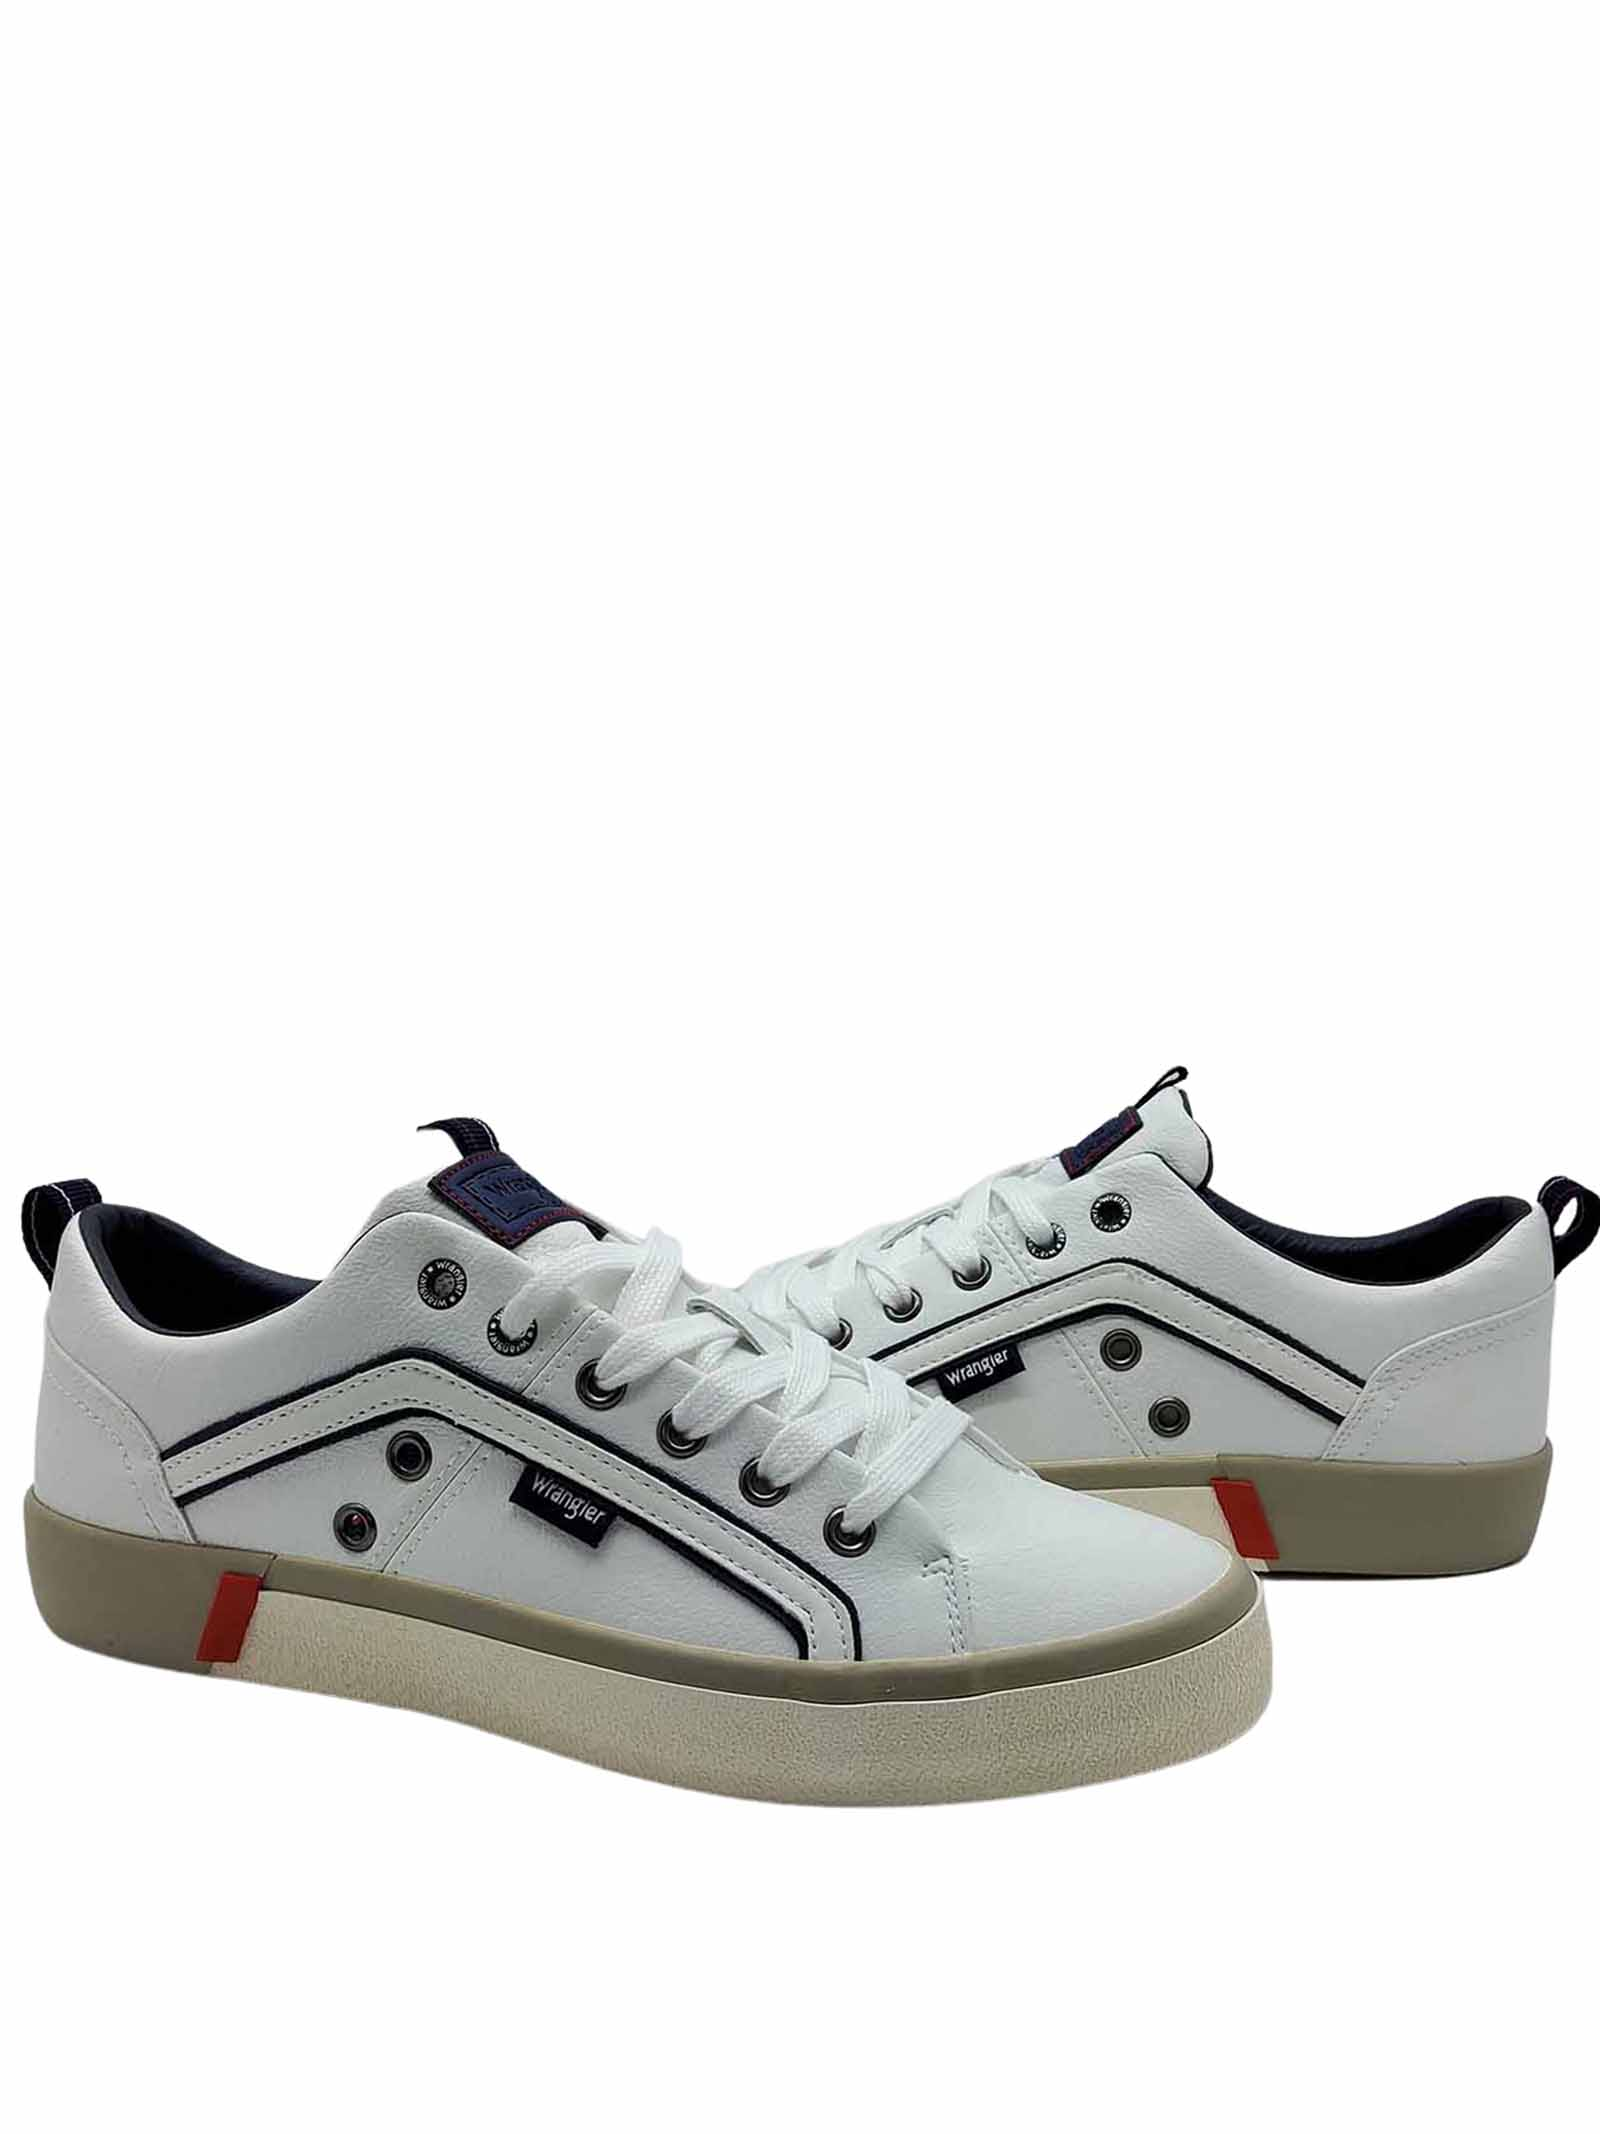 Calzature Uomo Sneakers Vegan Frisco in Eco Pelle Bianco e Fondo in Gomma Wrangler   Sneakers   WM01033A051